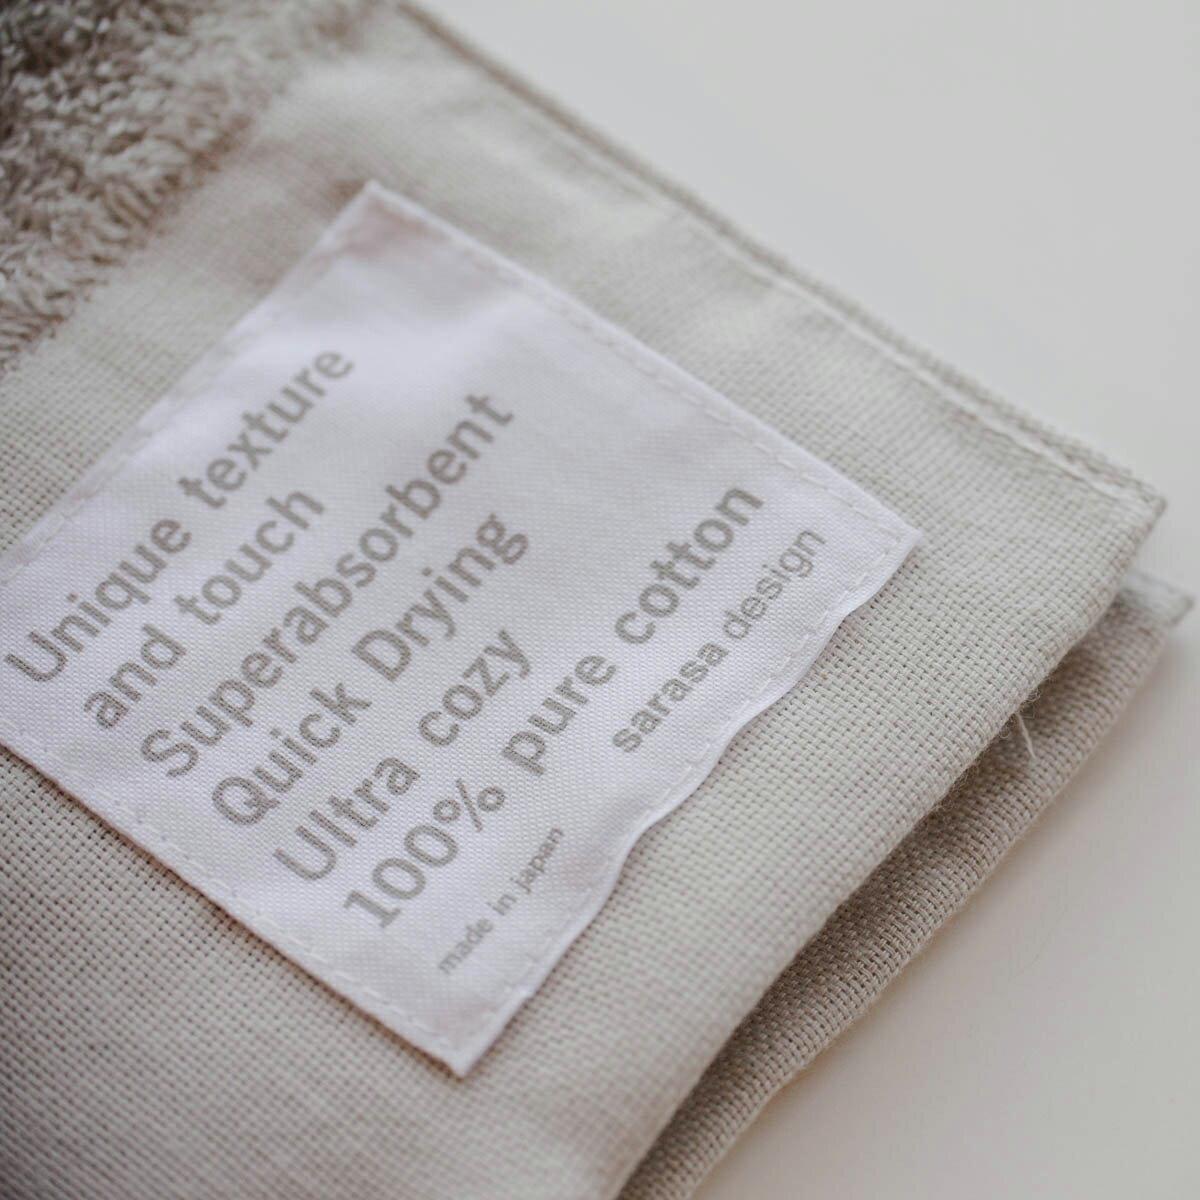 大阪泉州産の大きなヘムのデザインが特徴の吸水・速乾性に優れた、肌に優しい安心安全なオリジナル・バスタオル